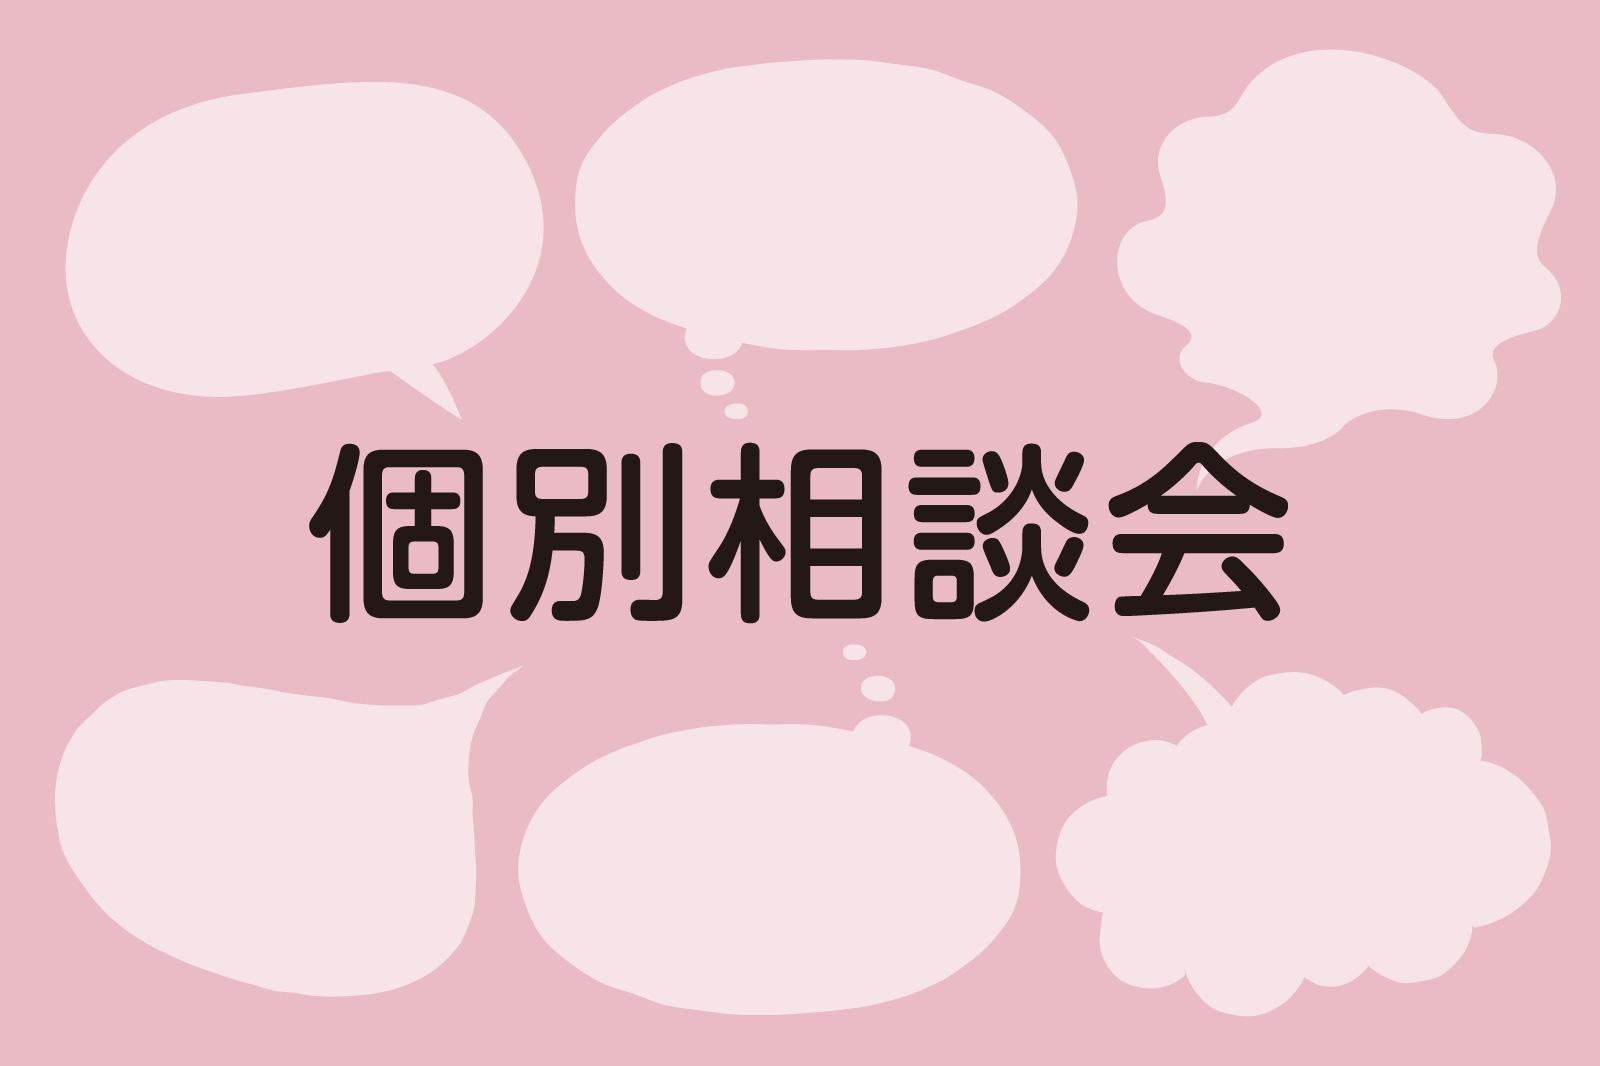 夏季個別相談会・・・小林聖心女子学院小学校 7/26~28